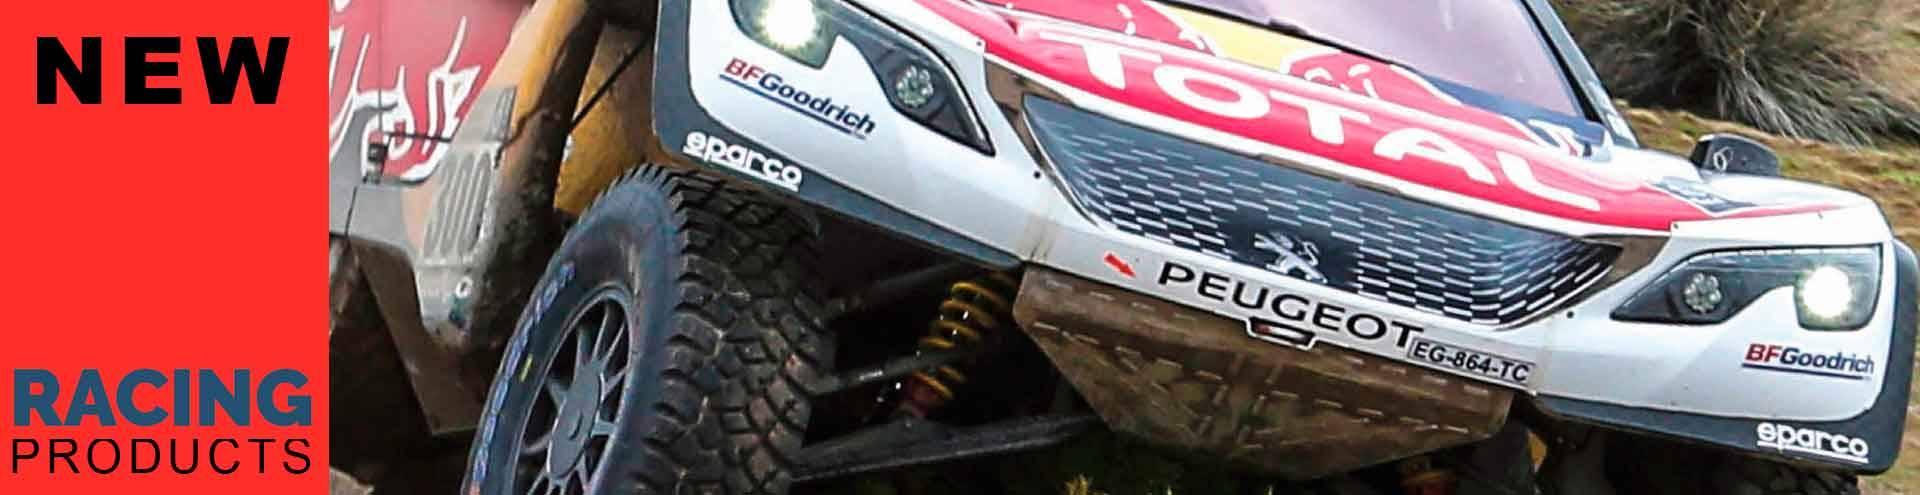 Accesorios Racing para competición y gaming.